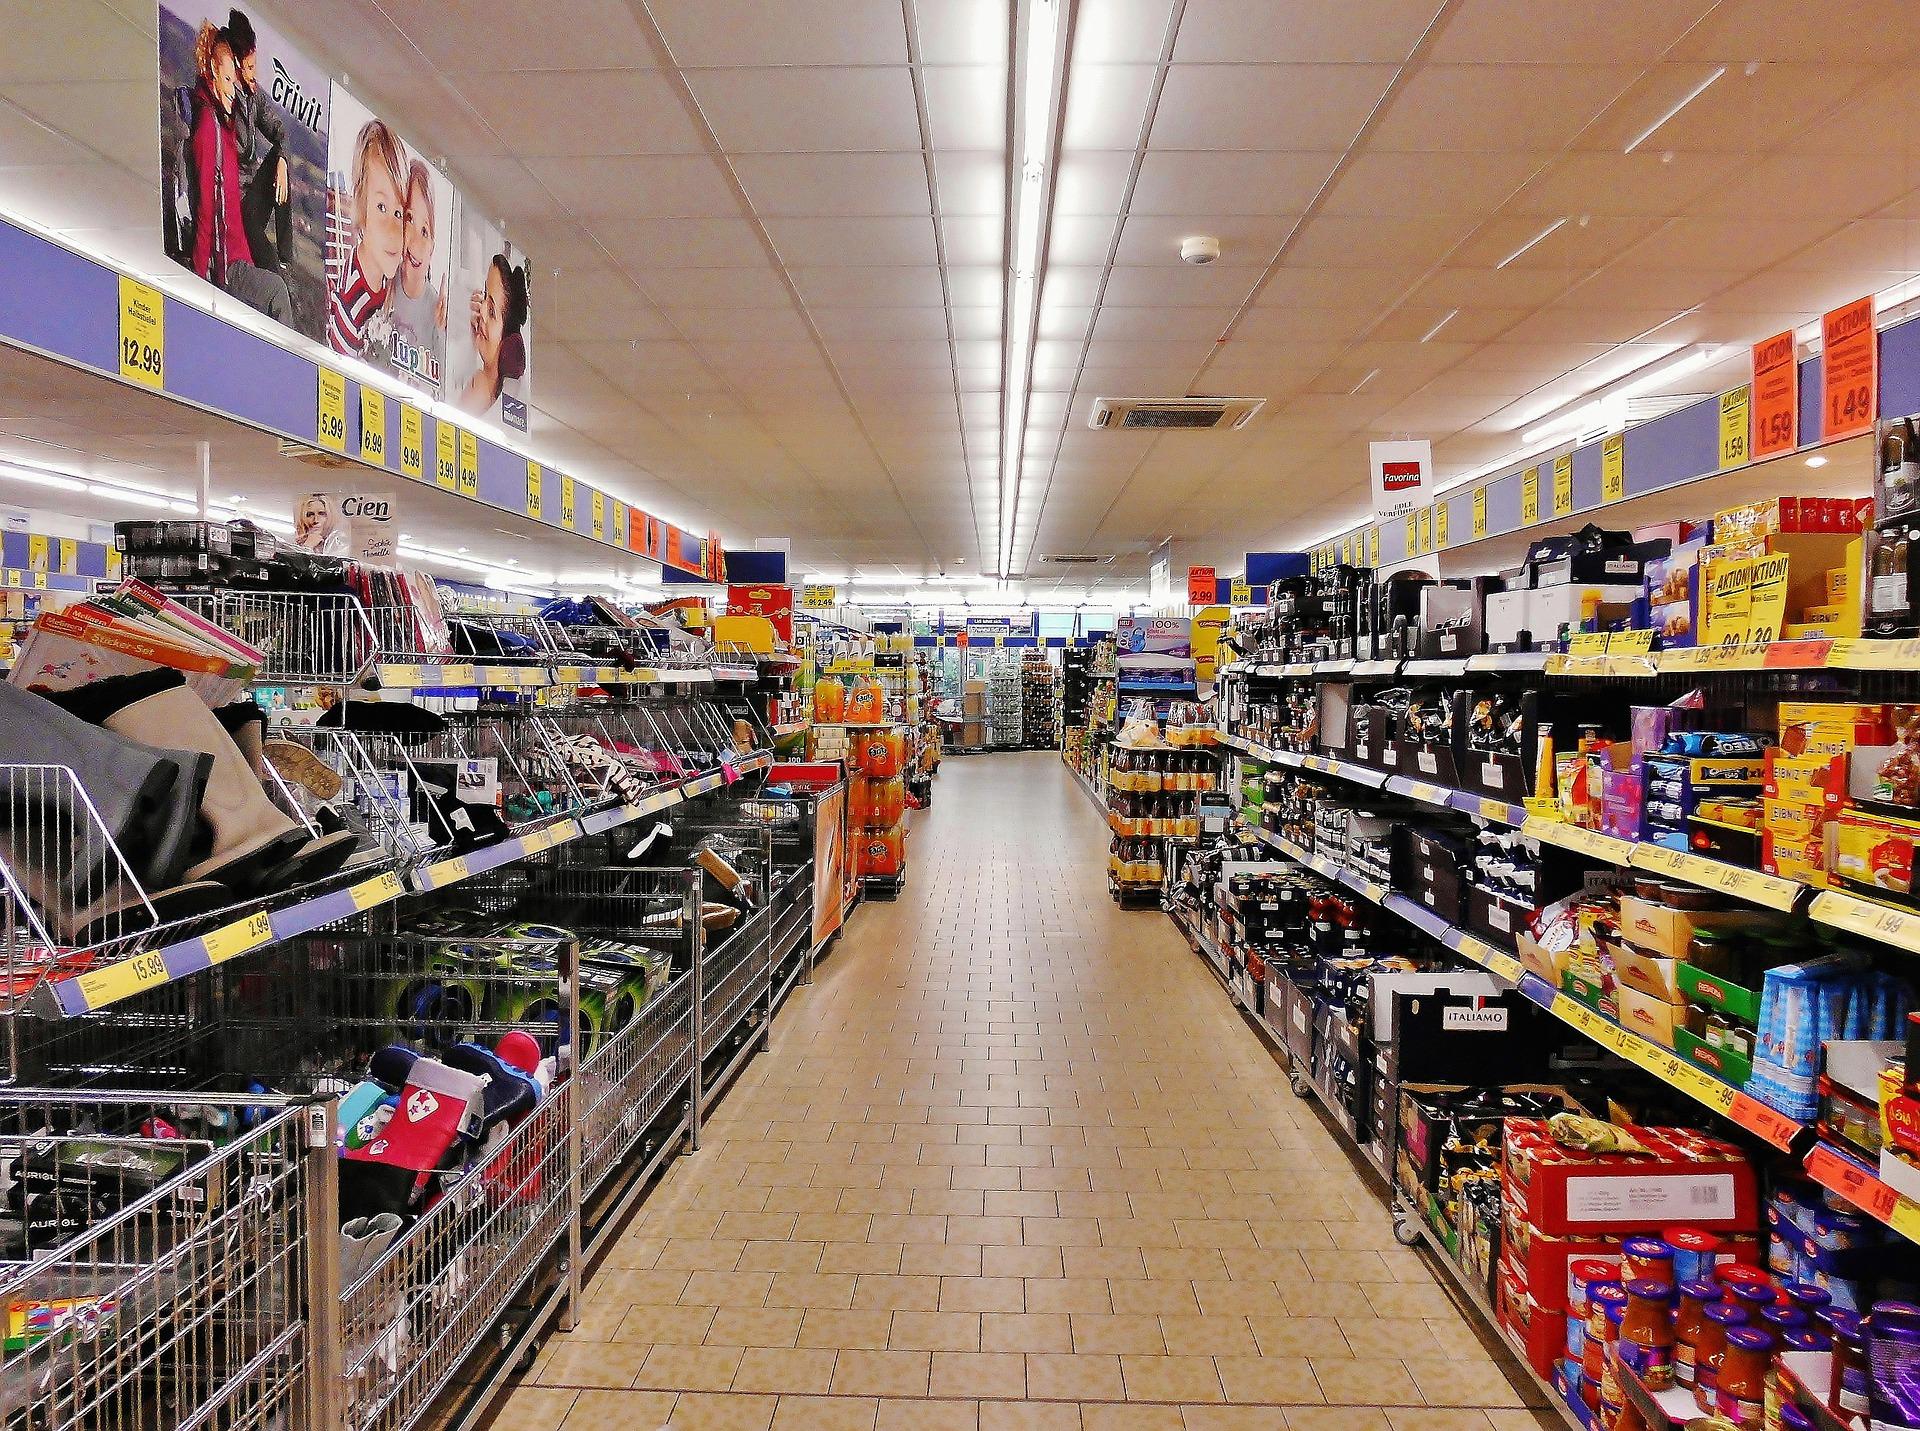 Supermercados atraem investidores